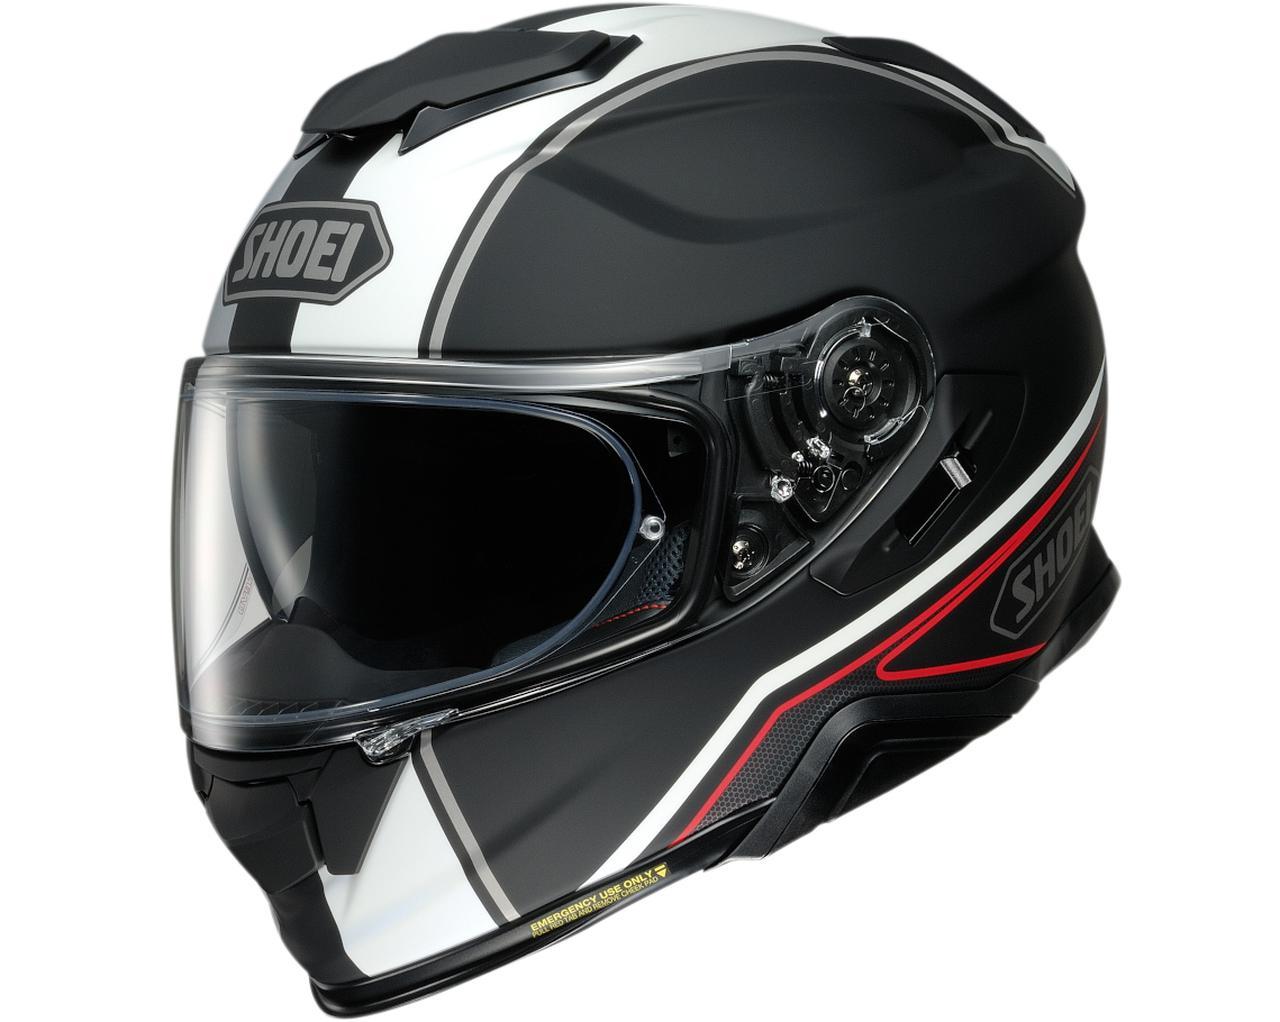 画像3: 【SHOEI】インナーサンバイザー付きフルフェイスヘルメット「GT-AirII」の新グラフィックモデル〈パノラマ〉が登場!